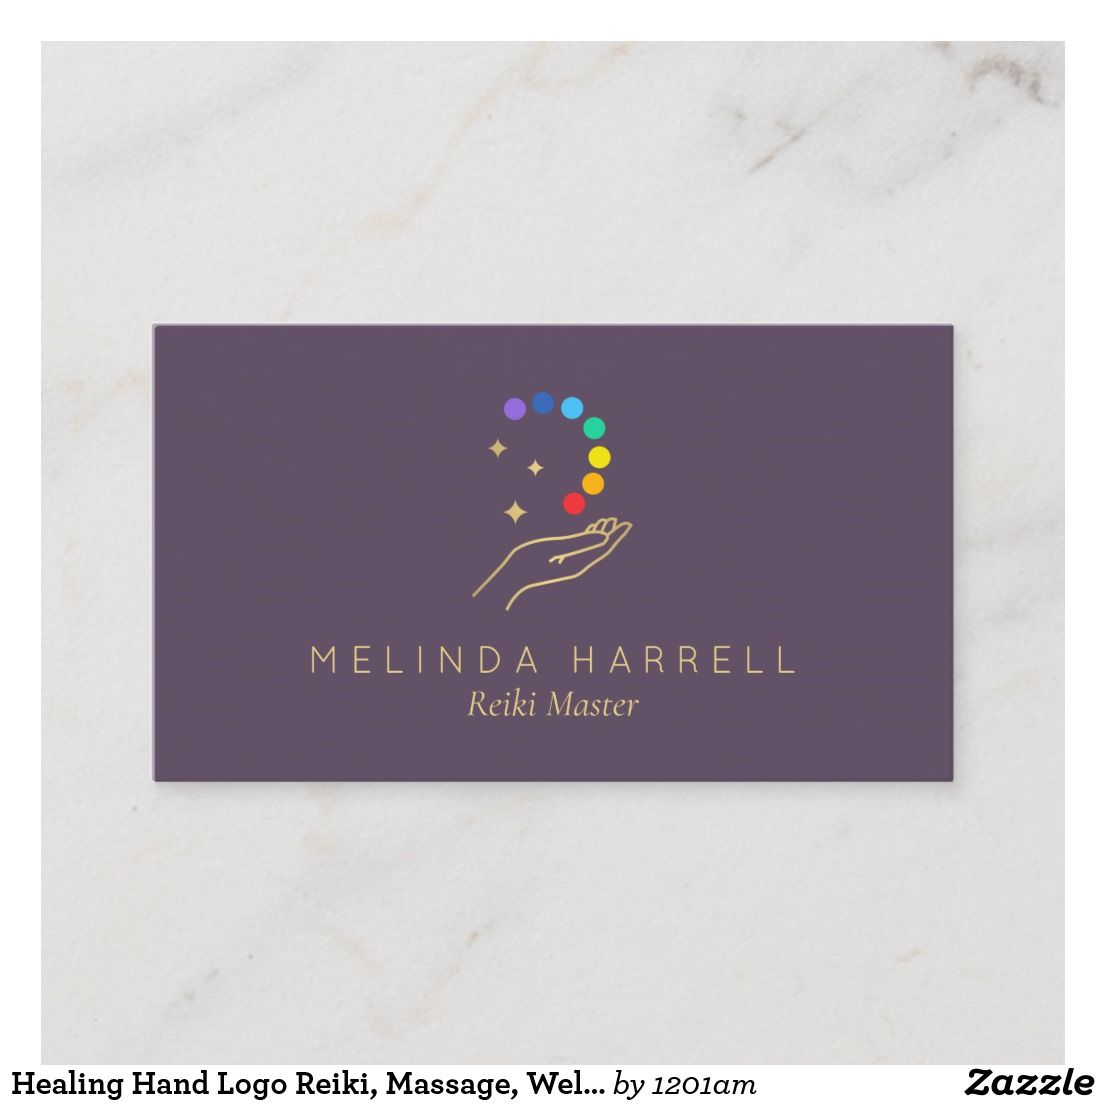 Healing Hand Logo Reiki Massage Wellness Purple Business Card Zazzle Com Hand Logo Business Card Design Simple Healing Hands